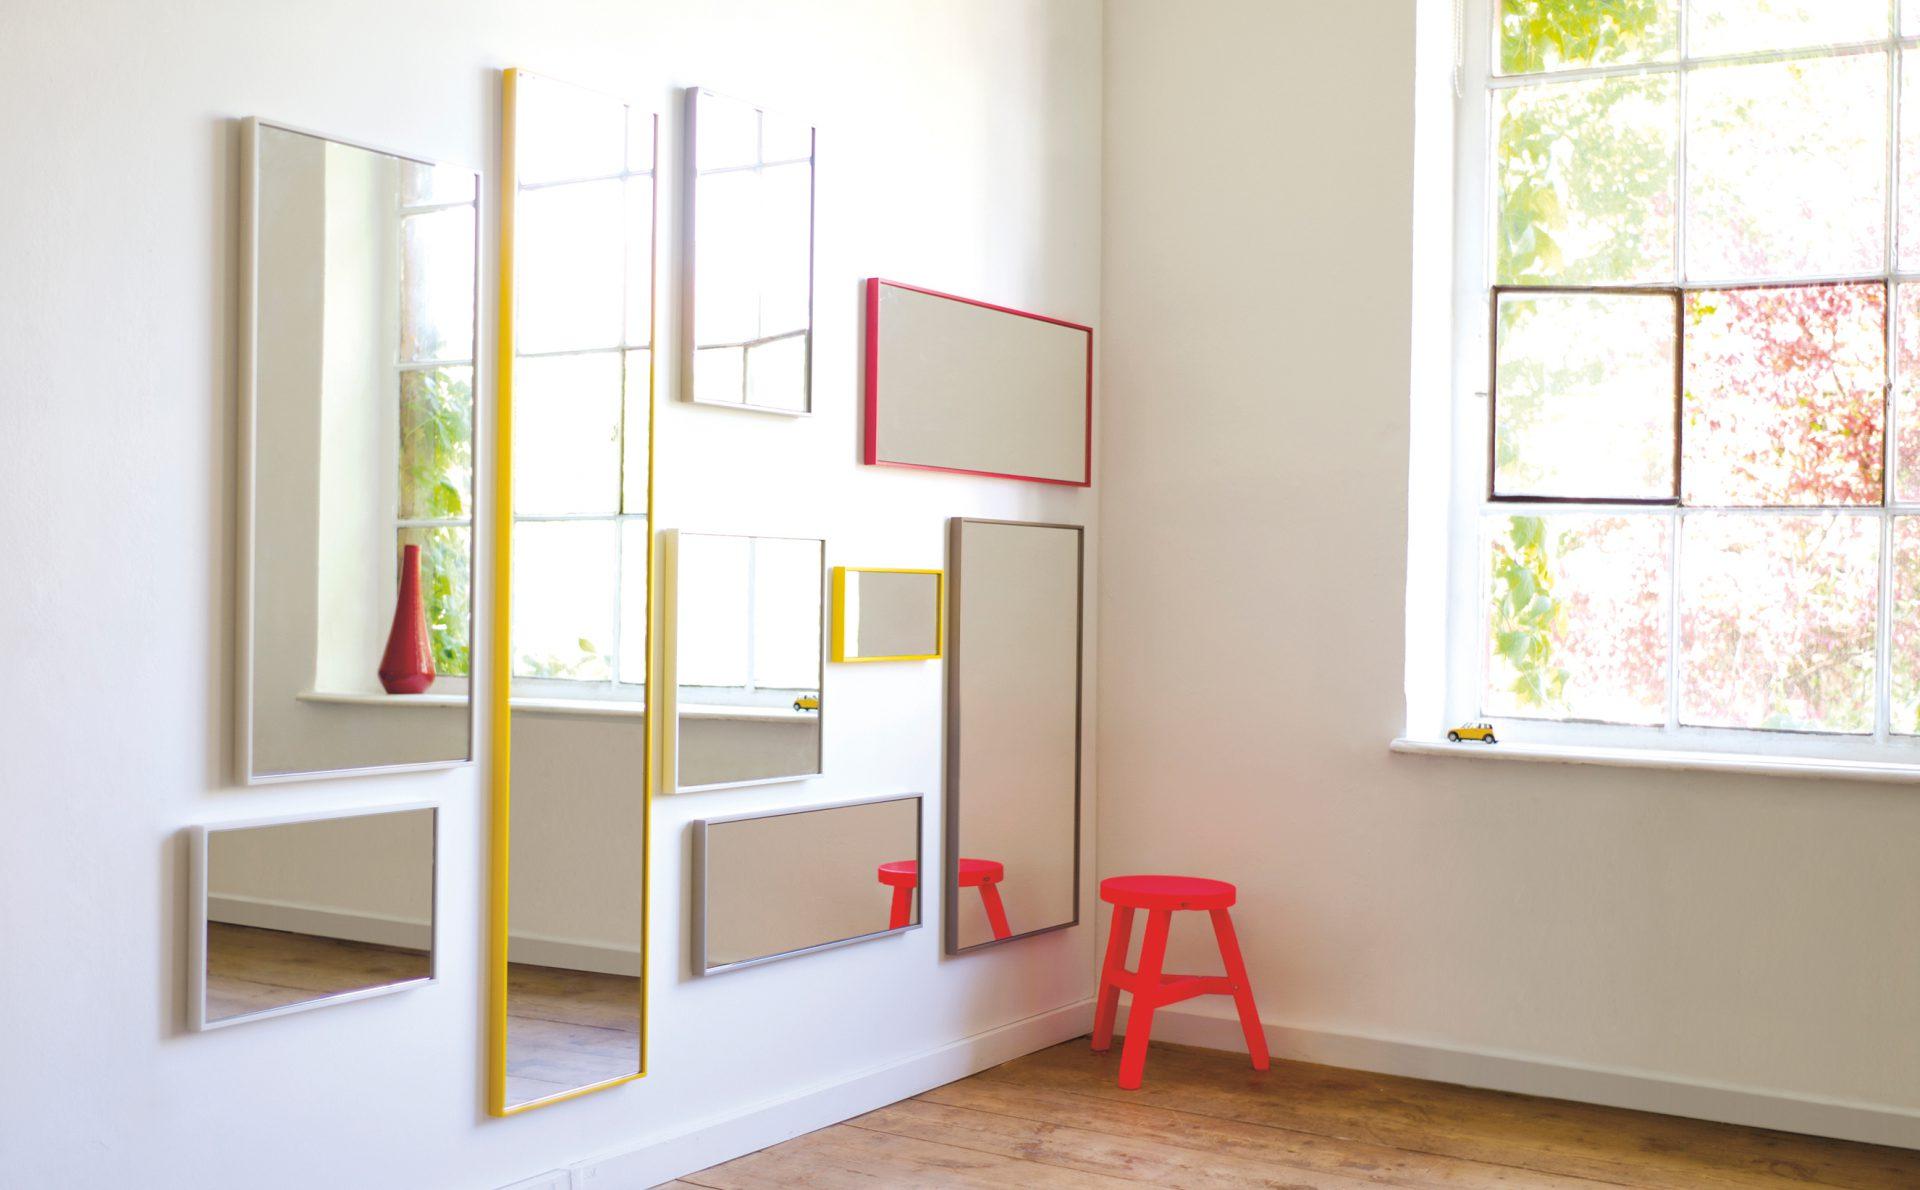 designer garderobe edle m bel f r ihren eingangsbereich tendenza. Black Bedroom Furniture Sets. Home Design Ideas